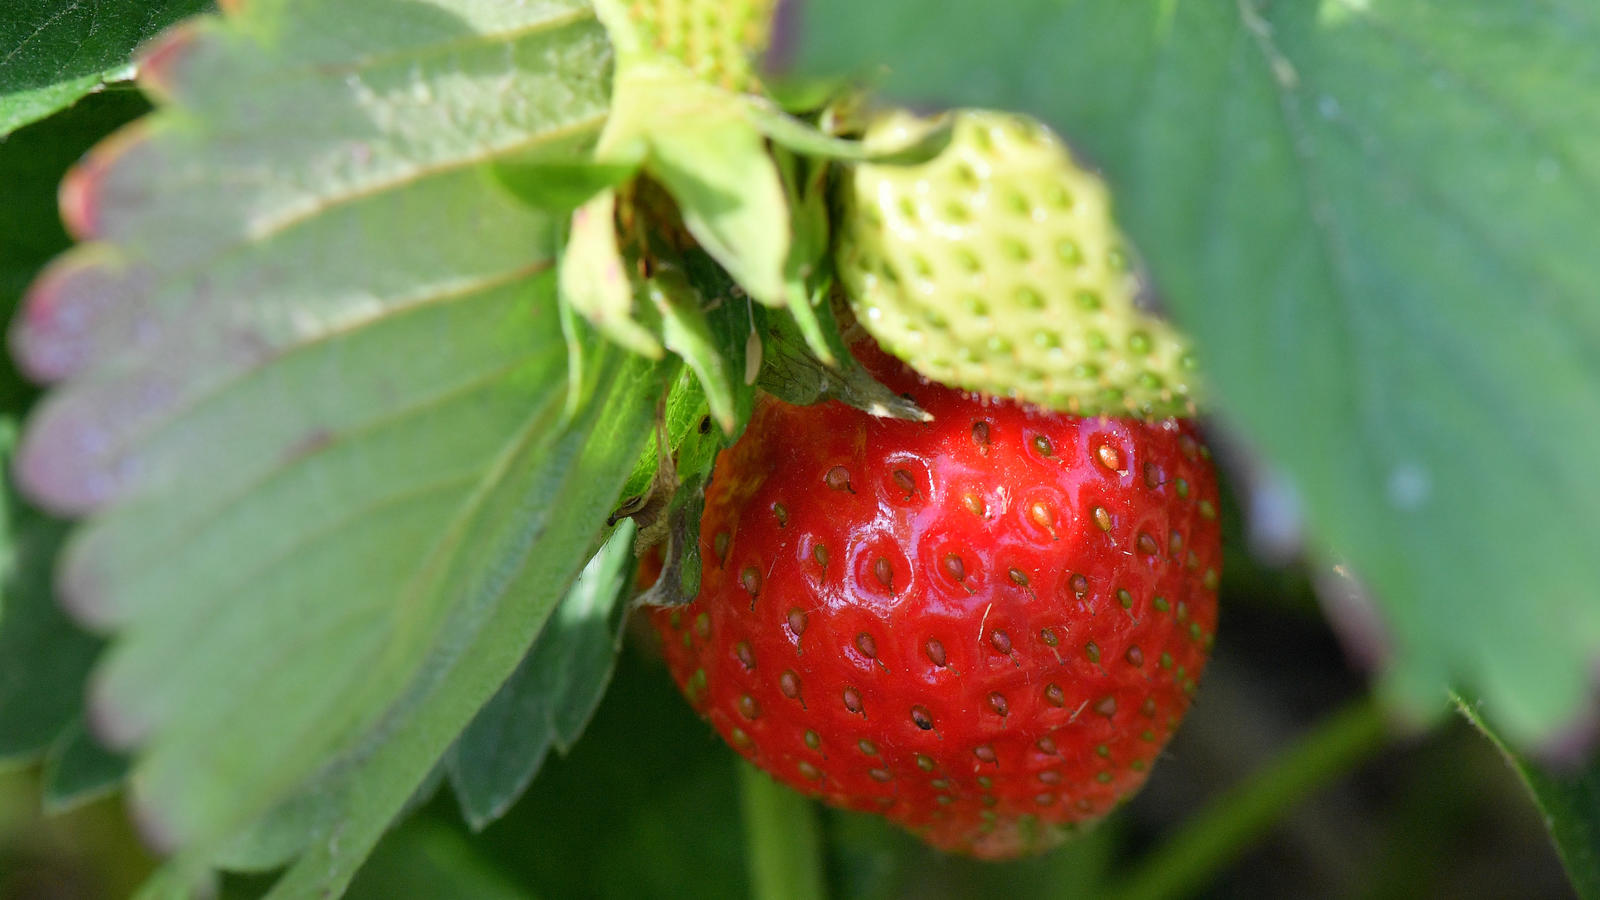 Das ständig nasse Wetter macht den Erdbeerbauern einen Strich durch die Rechnung.